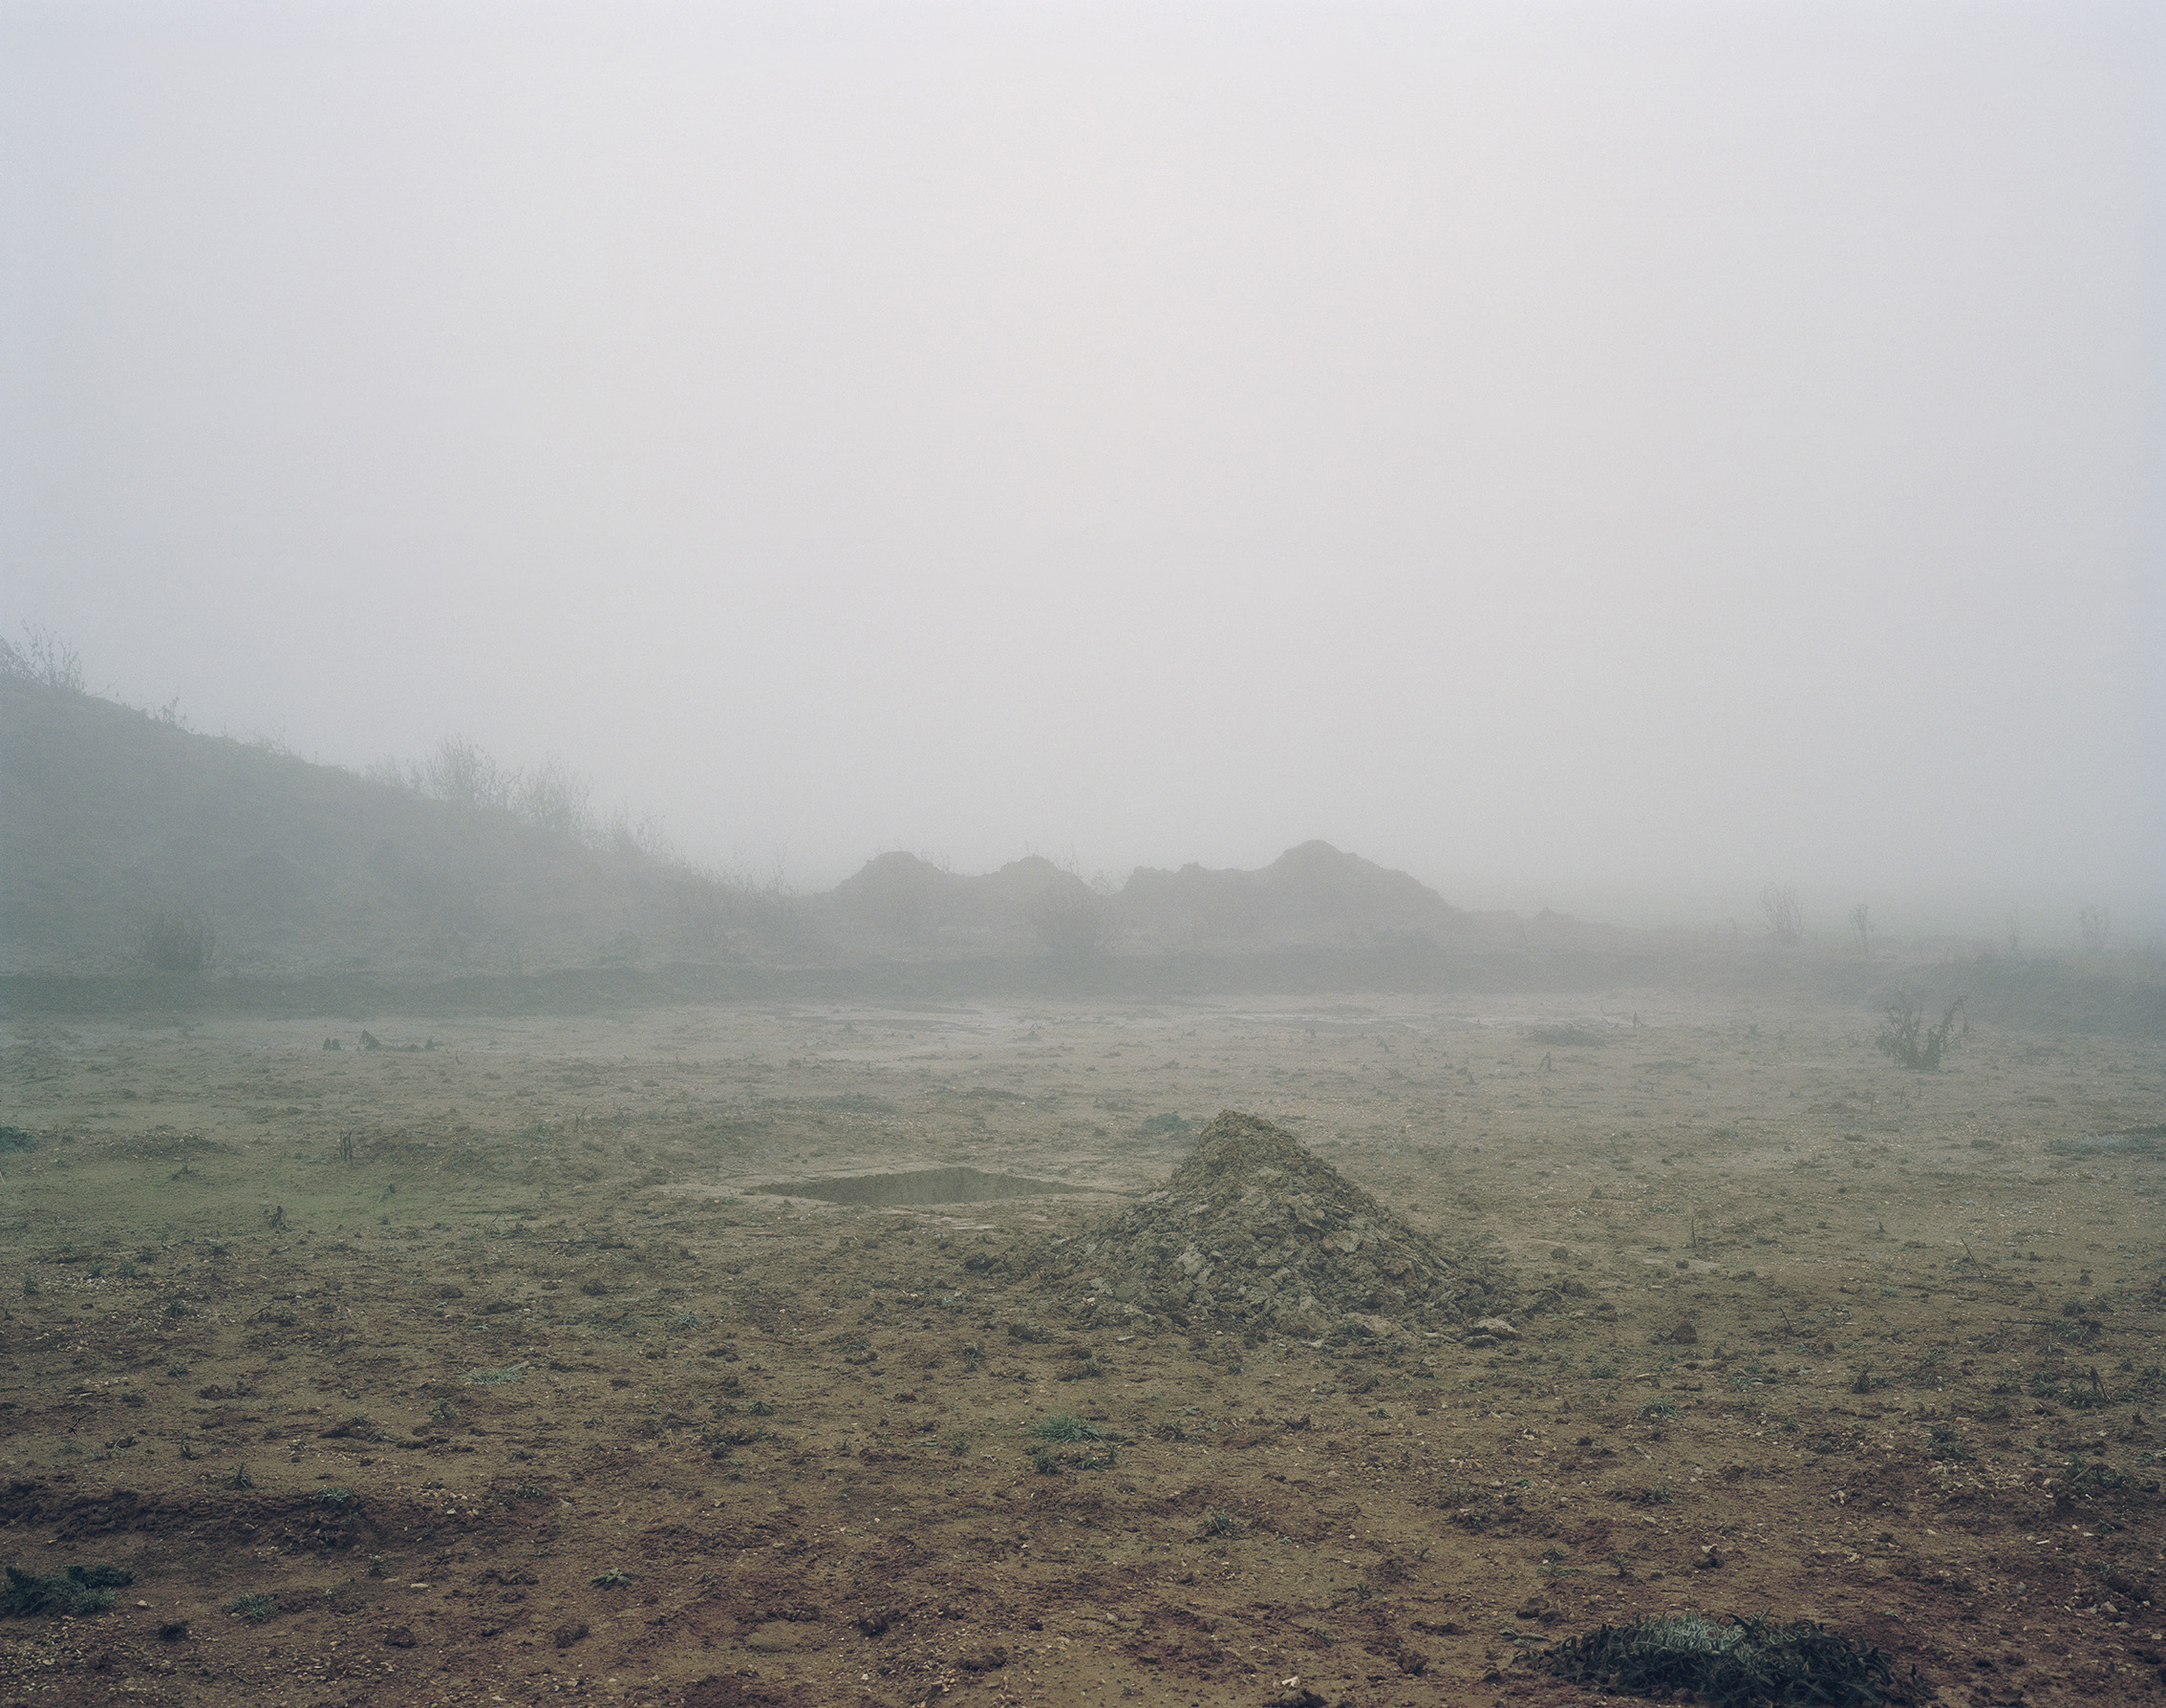 Tom-Lovelace-Site-407-Landscape-No.5.jpg